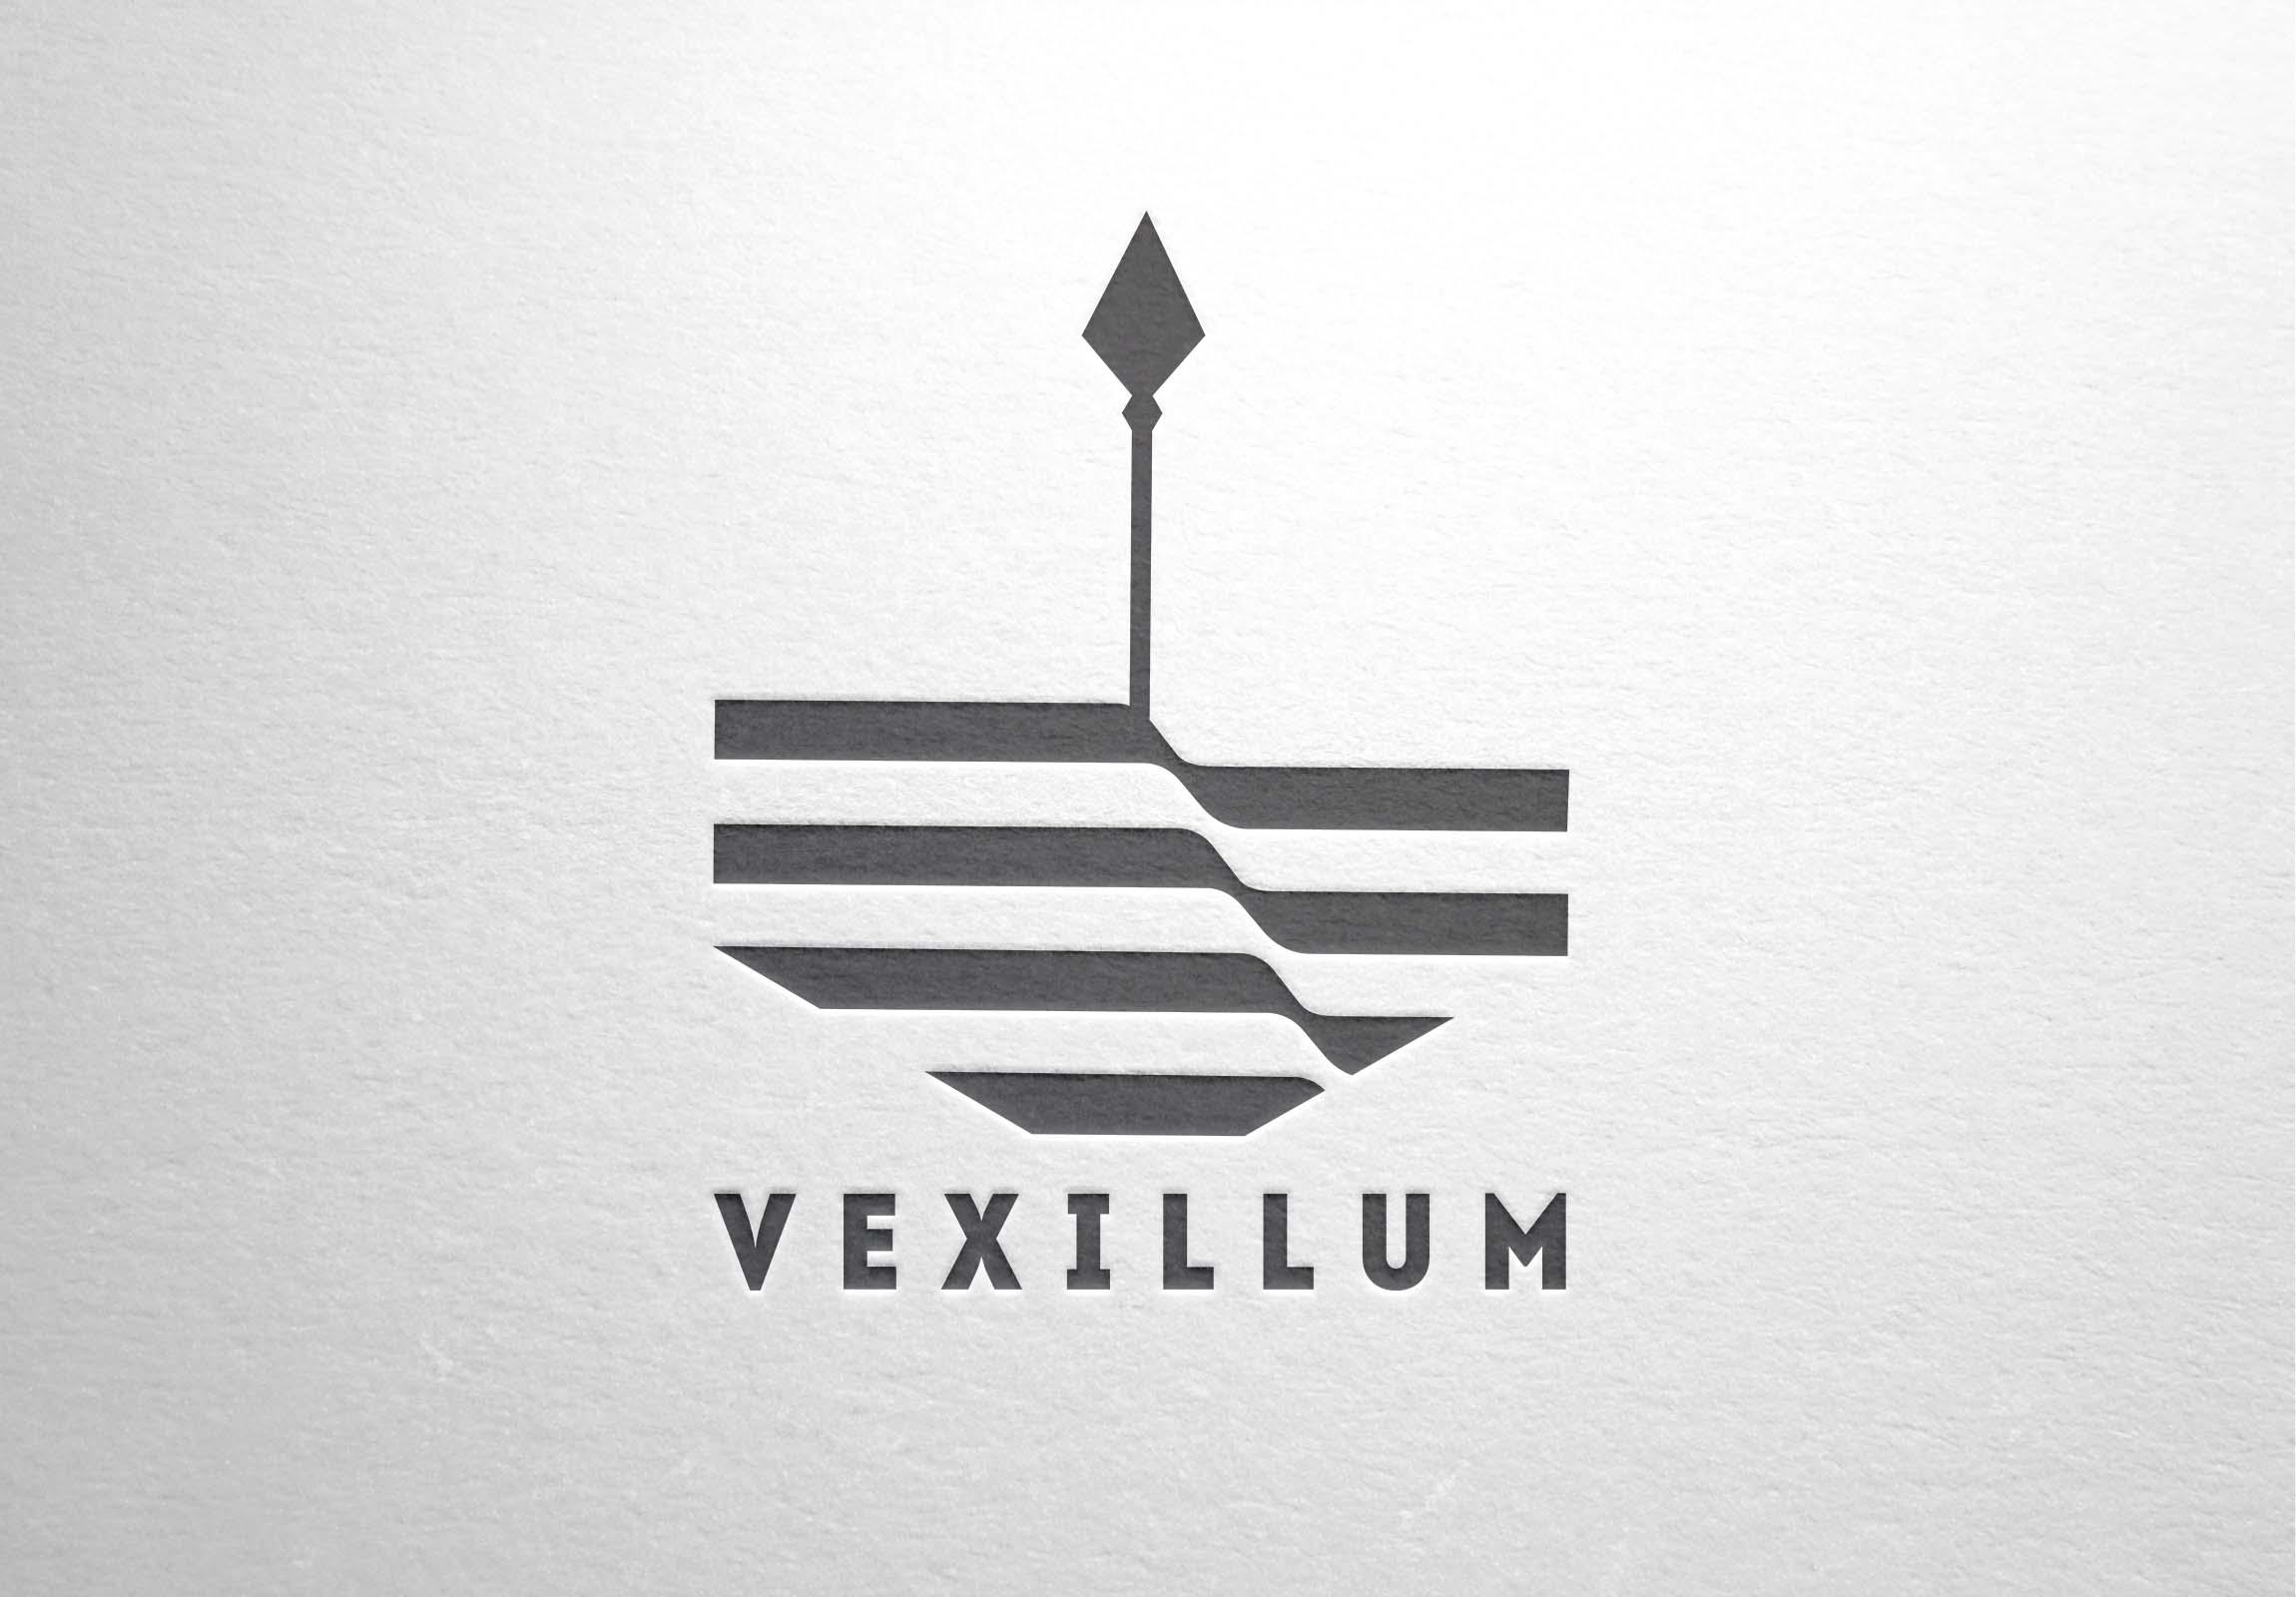 Разработка названия бренда + логотип фото f_79658ff29ec7d591.jpg